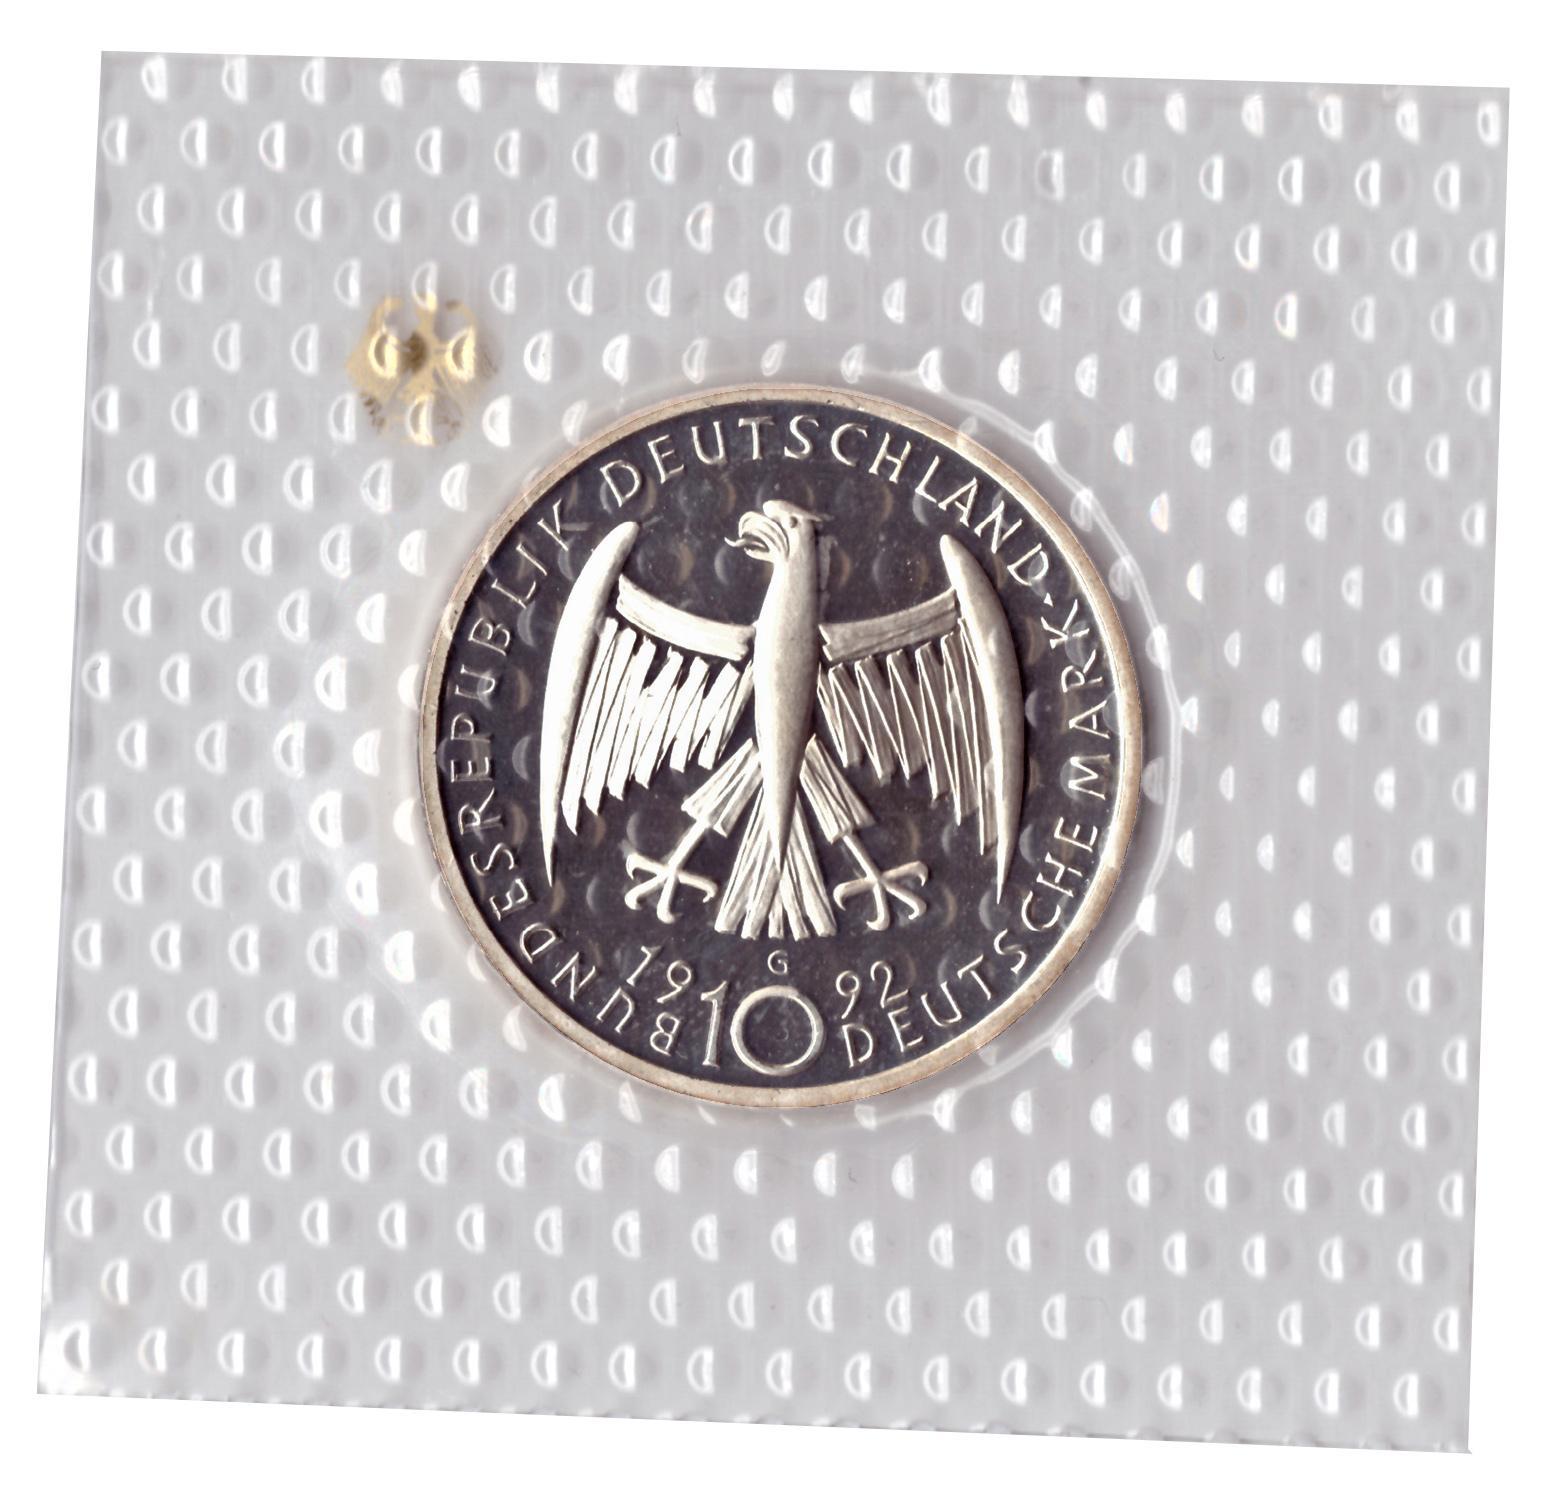 10 марок 1992 год (G) 125 лет со дня рождения Кете Кольвиц, Германия. PROOF в родной запайке